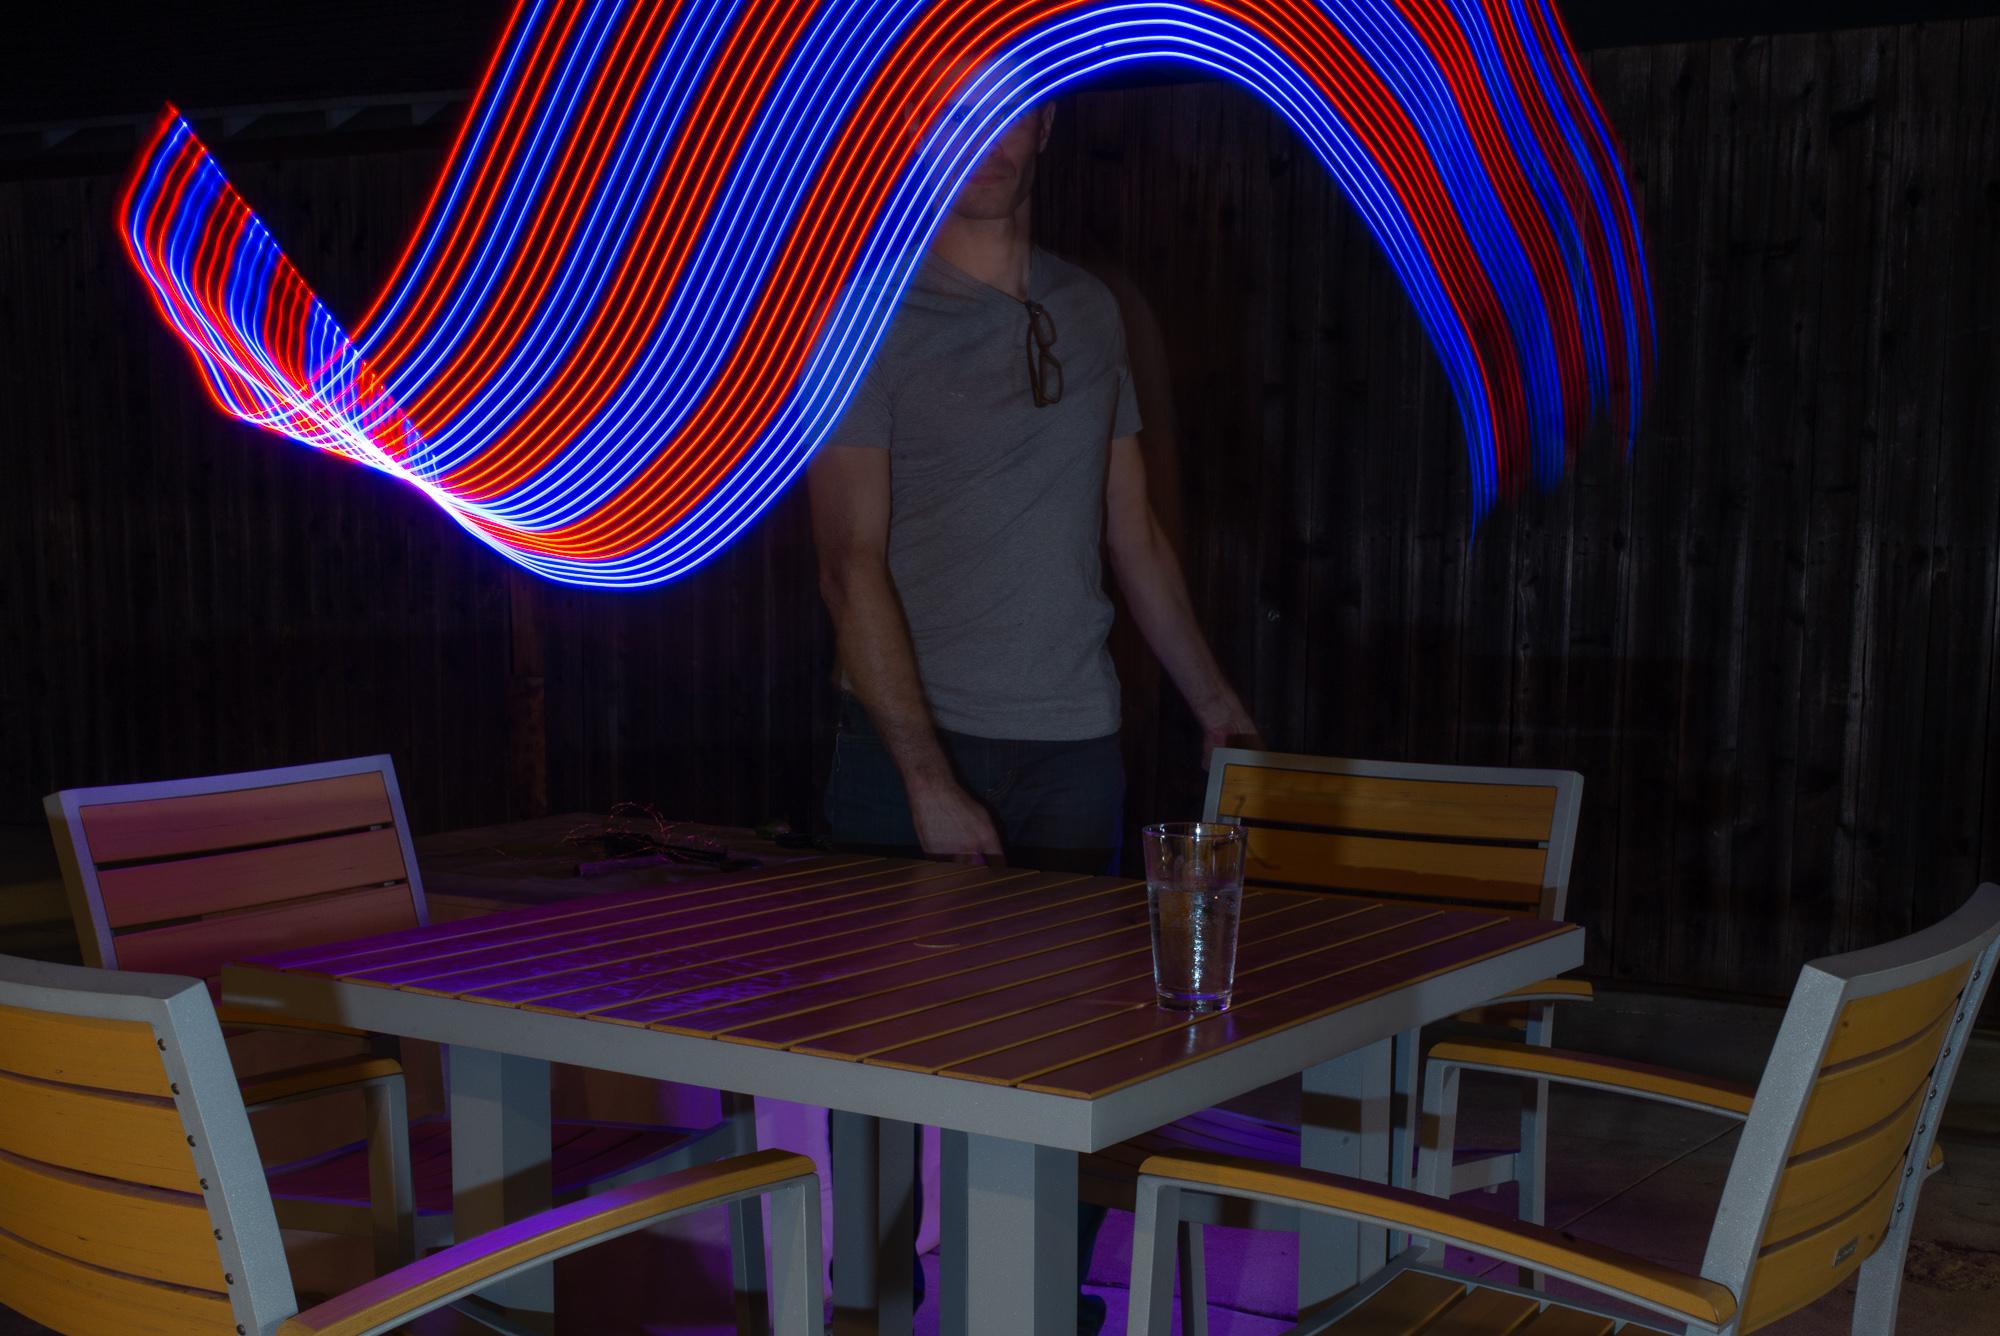 led_strips_L1007380.jpg